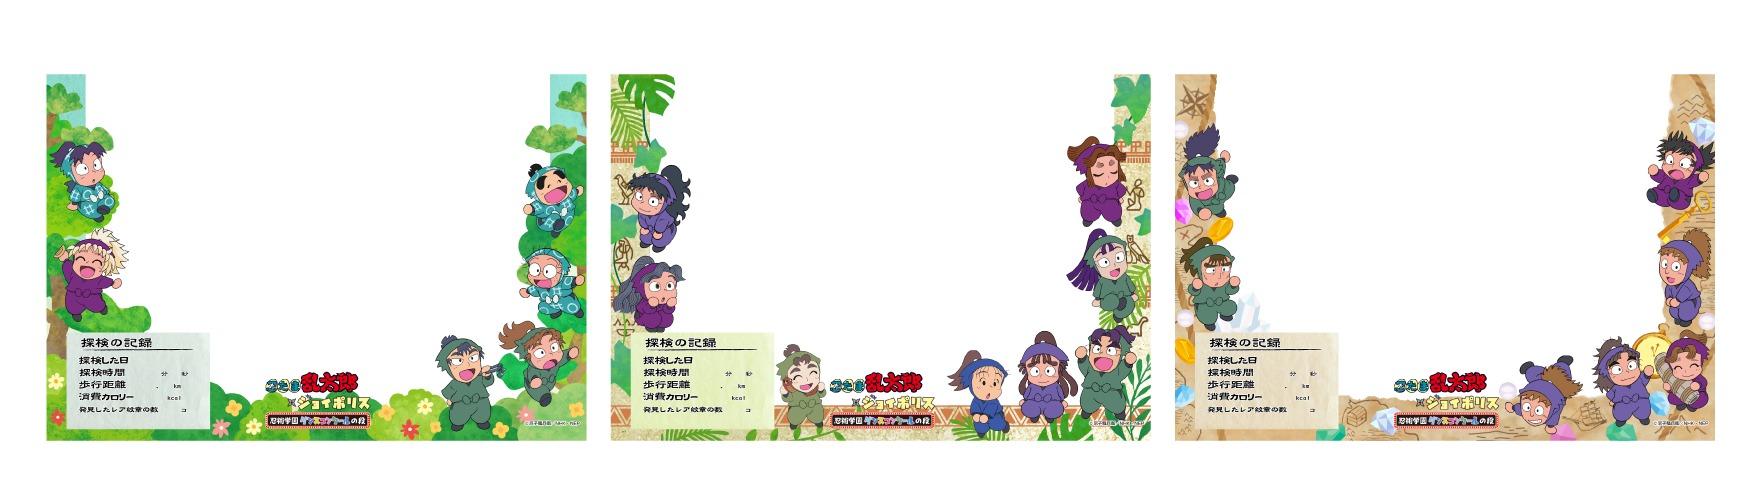 「ジョイポリ探検隊」 フレームイメージ(全3種)